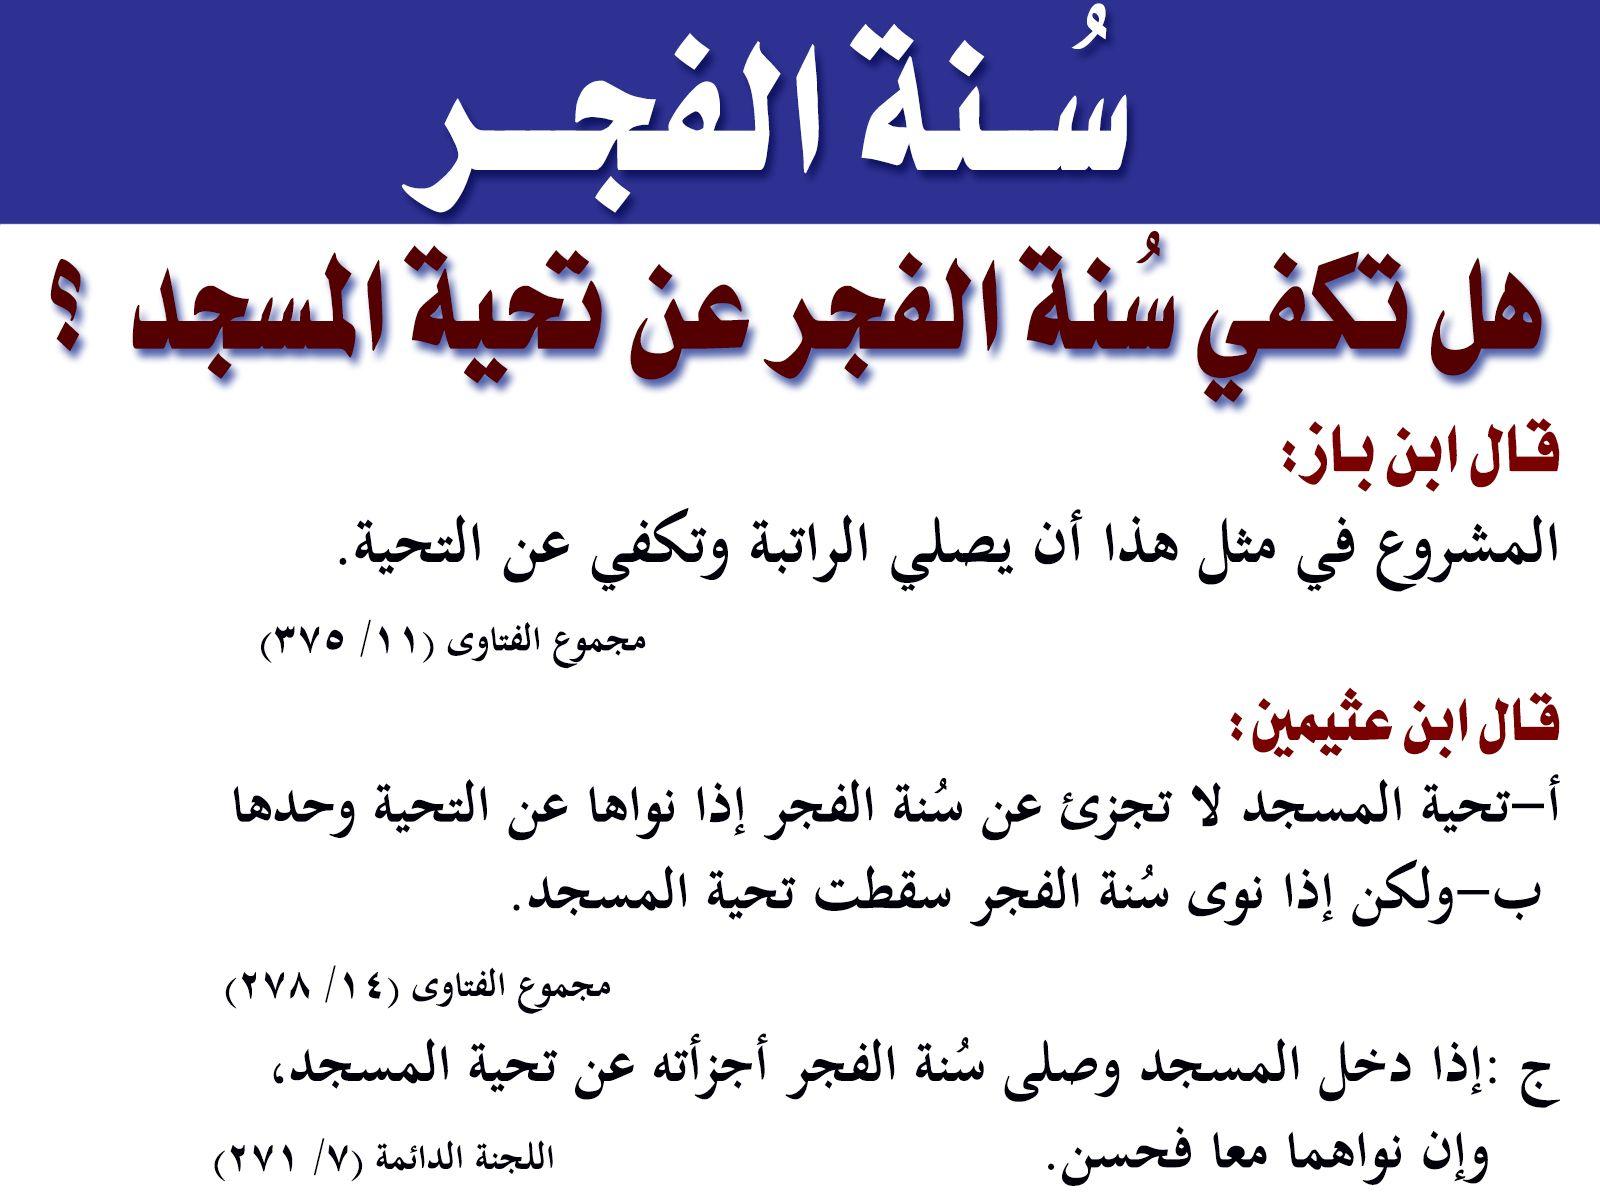 سنة الفجر هل تكفي عن تحية المسجد Quotes Arabic Quotes Math